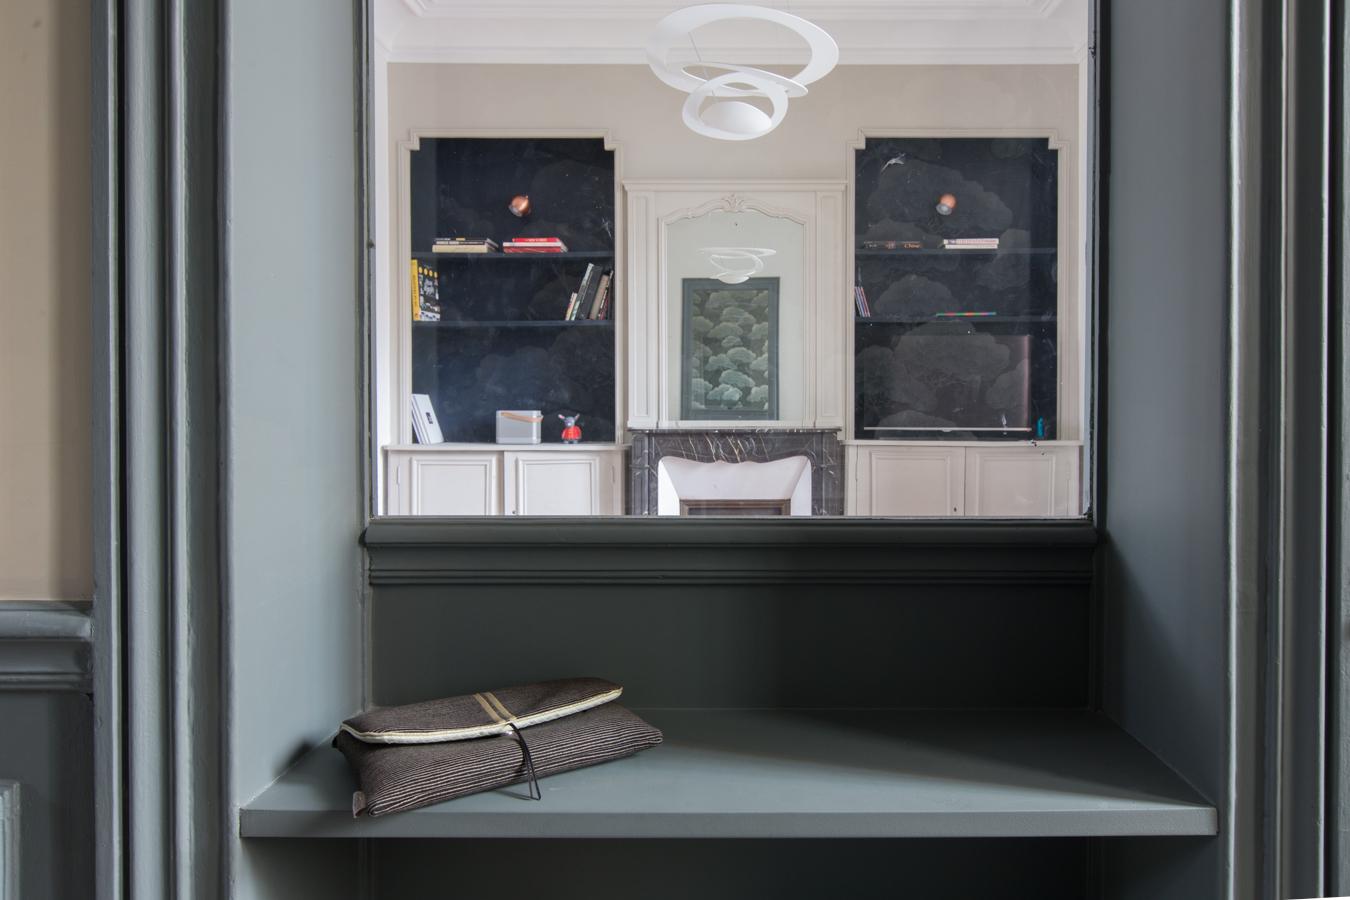 Architecte Interieur Paris Petite Surface réveil d'une maison mansart – atelier syb